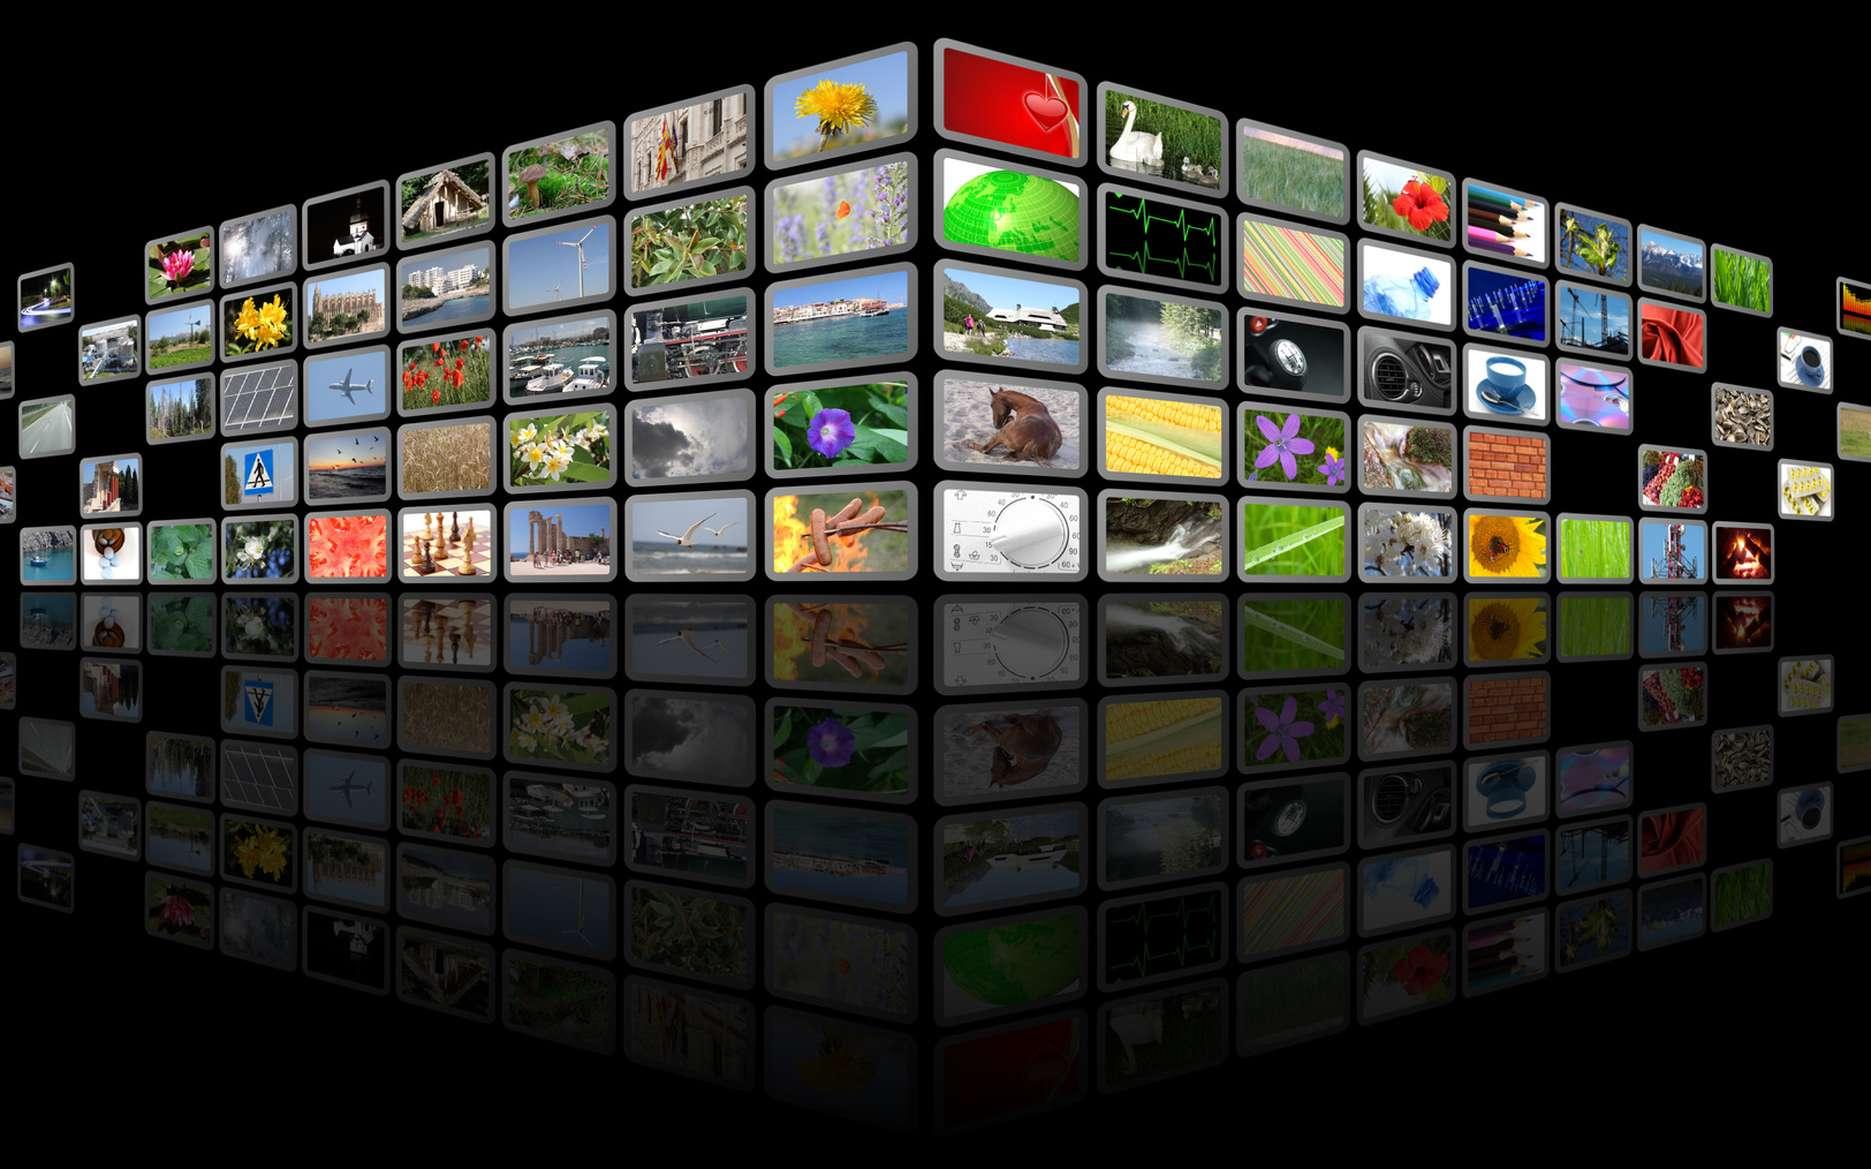 Netflix est un service Internet de vidéo à la demande (VOD) en diffusion continue (streaming). © Alex White, Fotolia